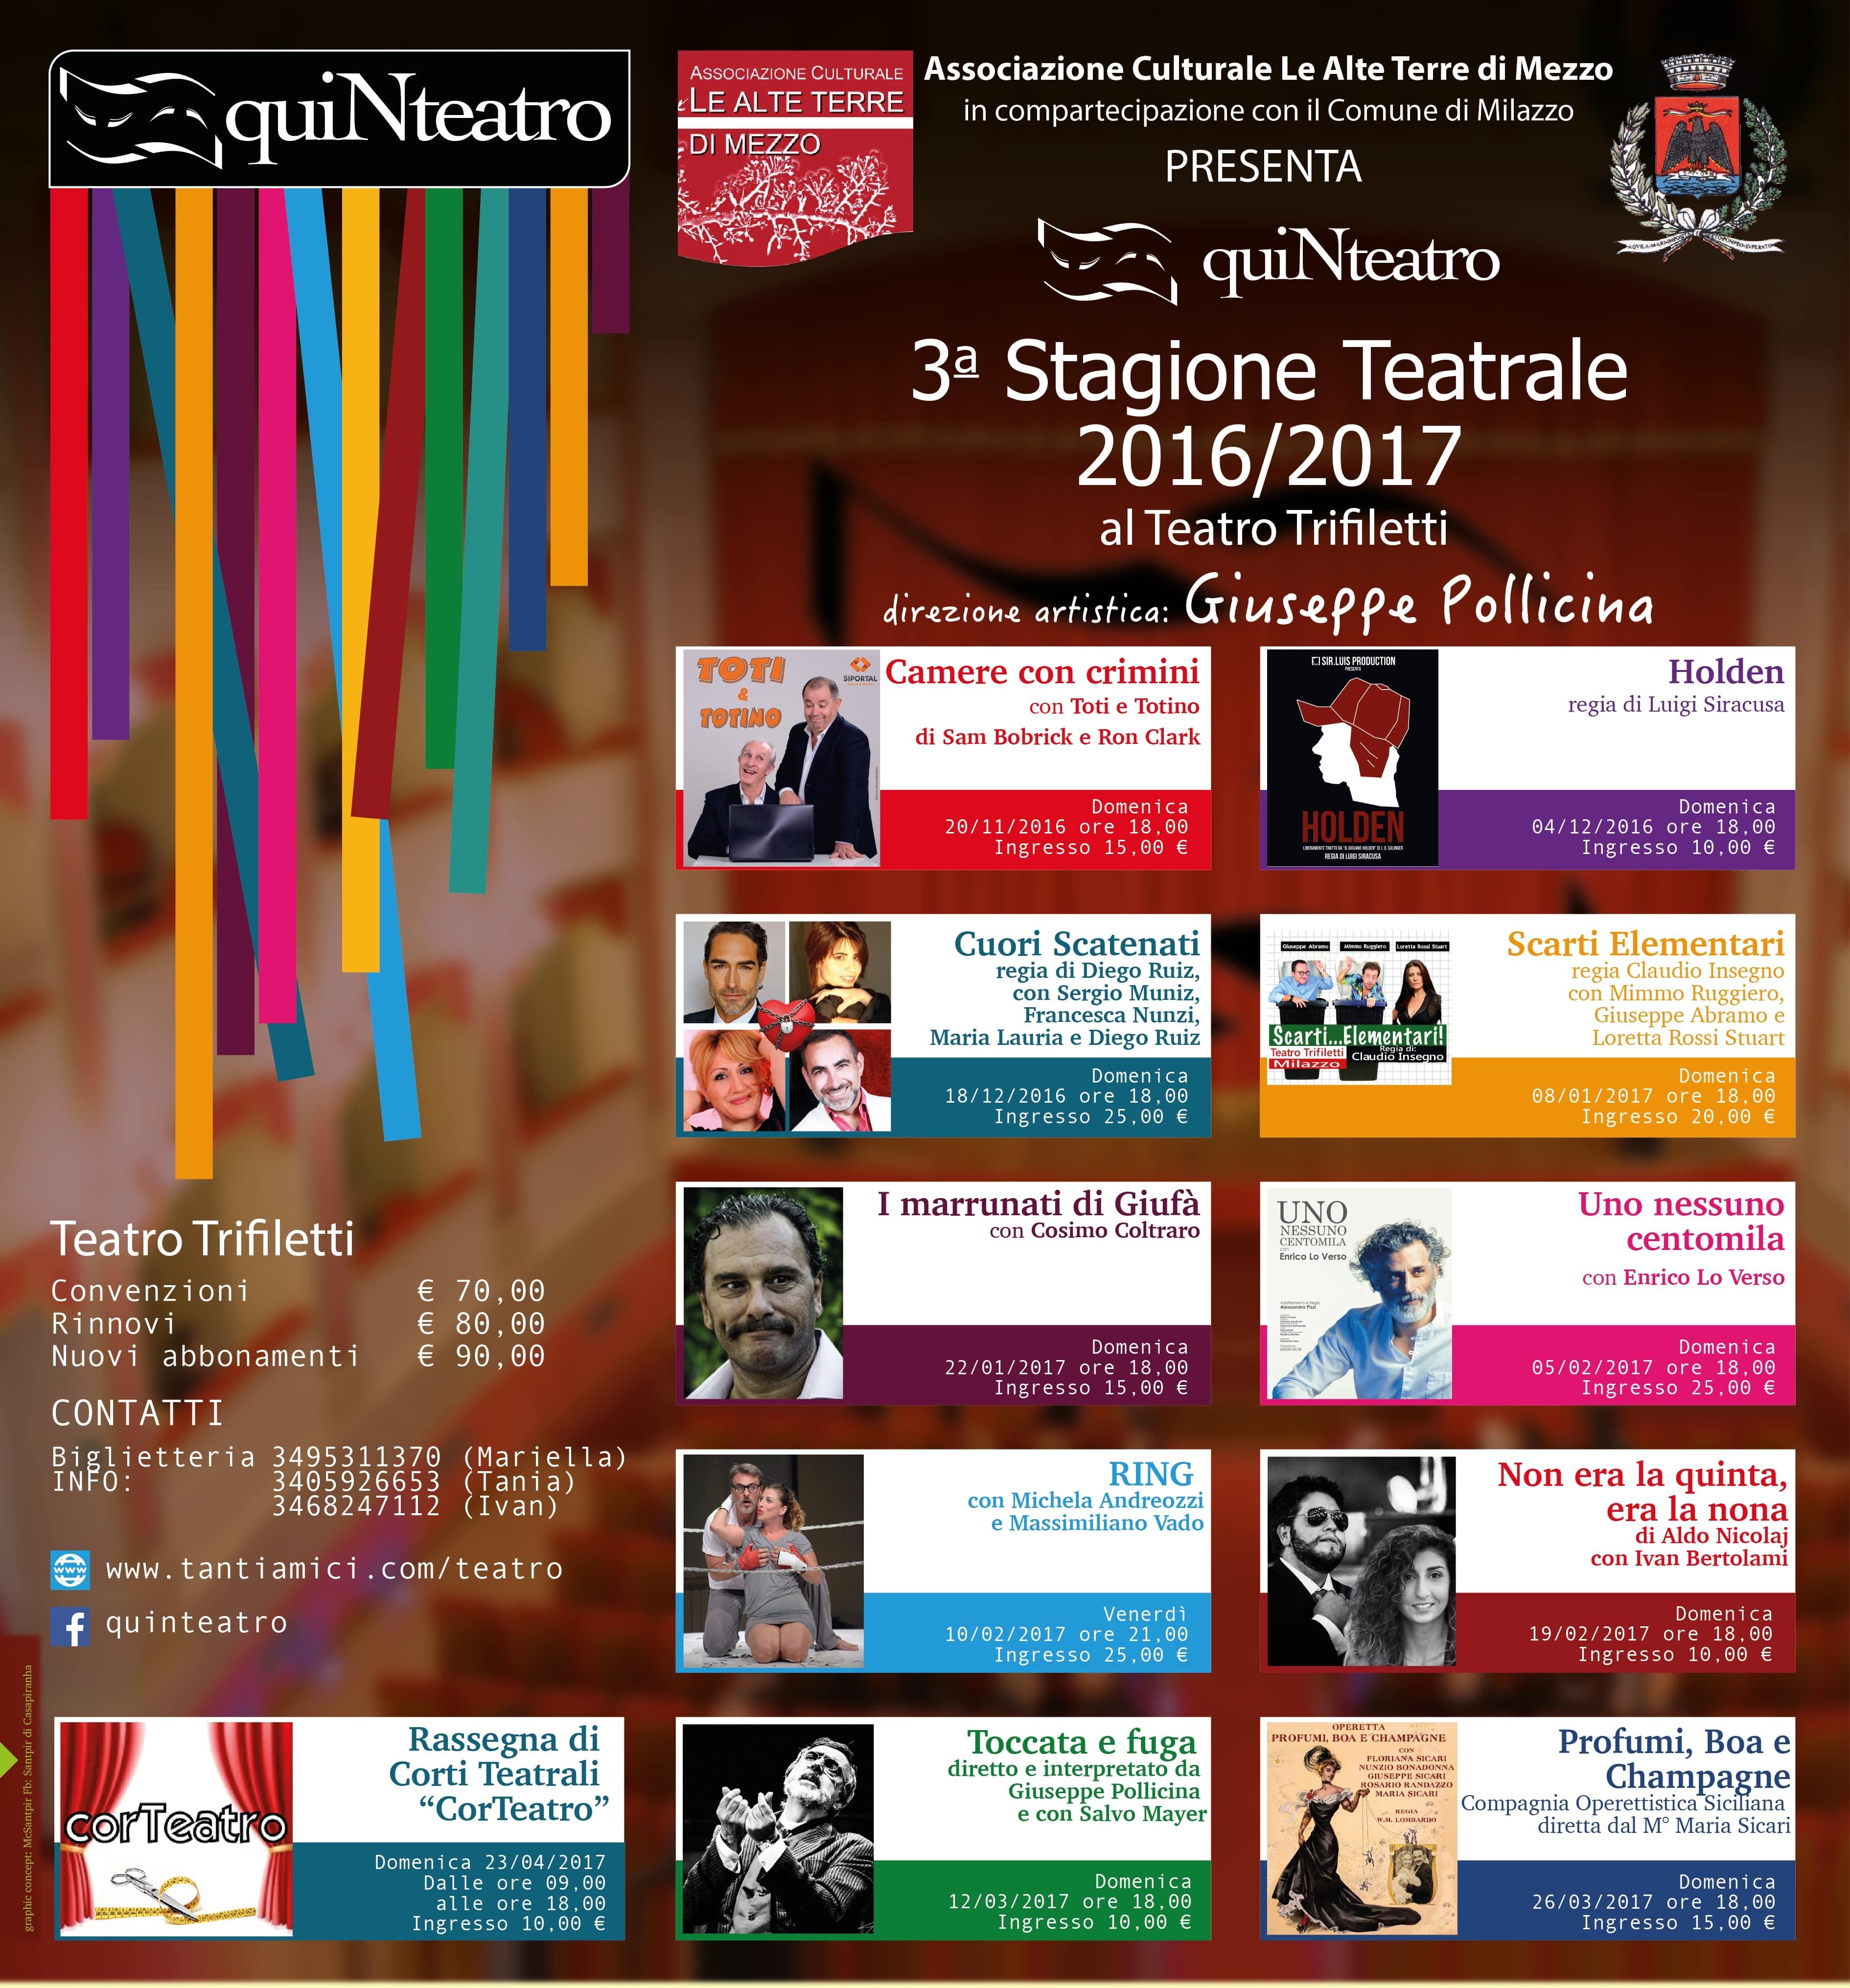 quinteatro-2016-2017-min